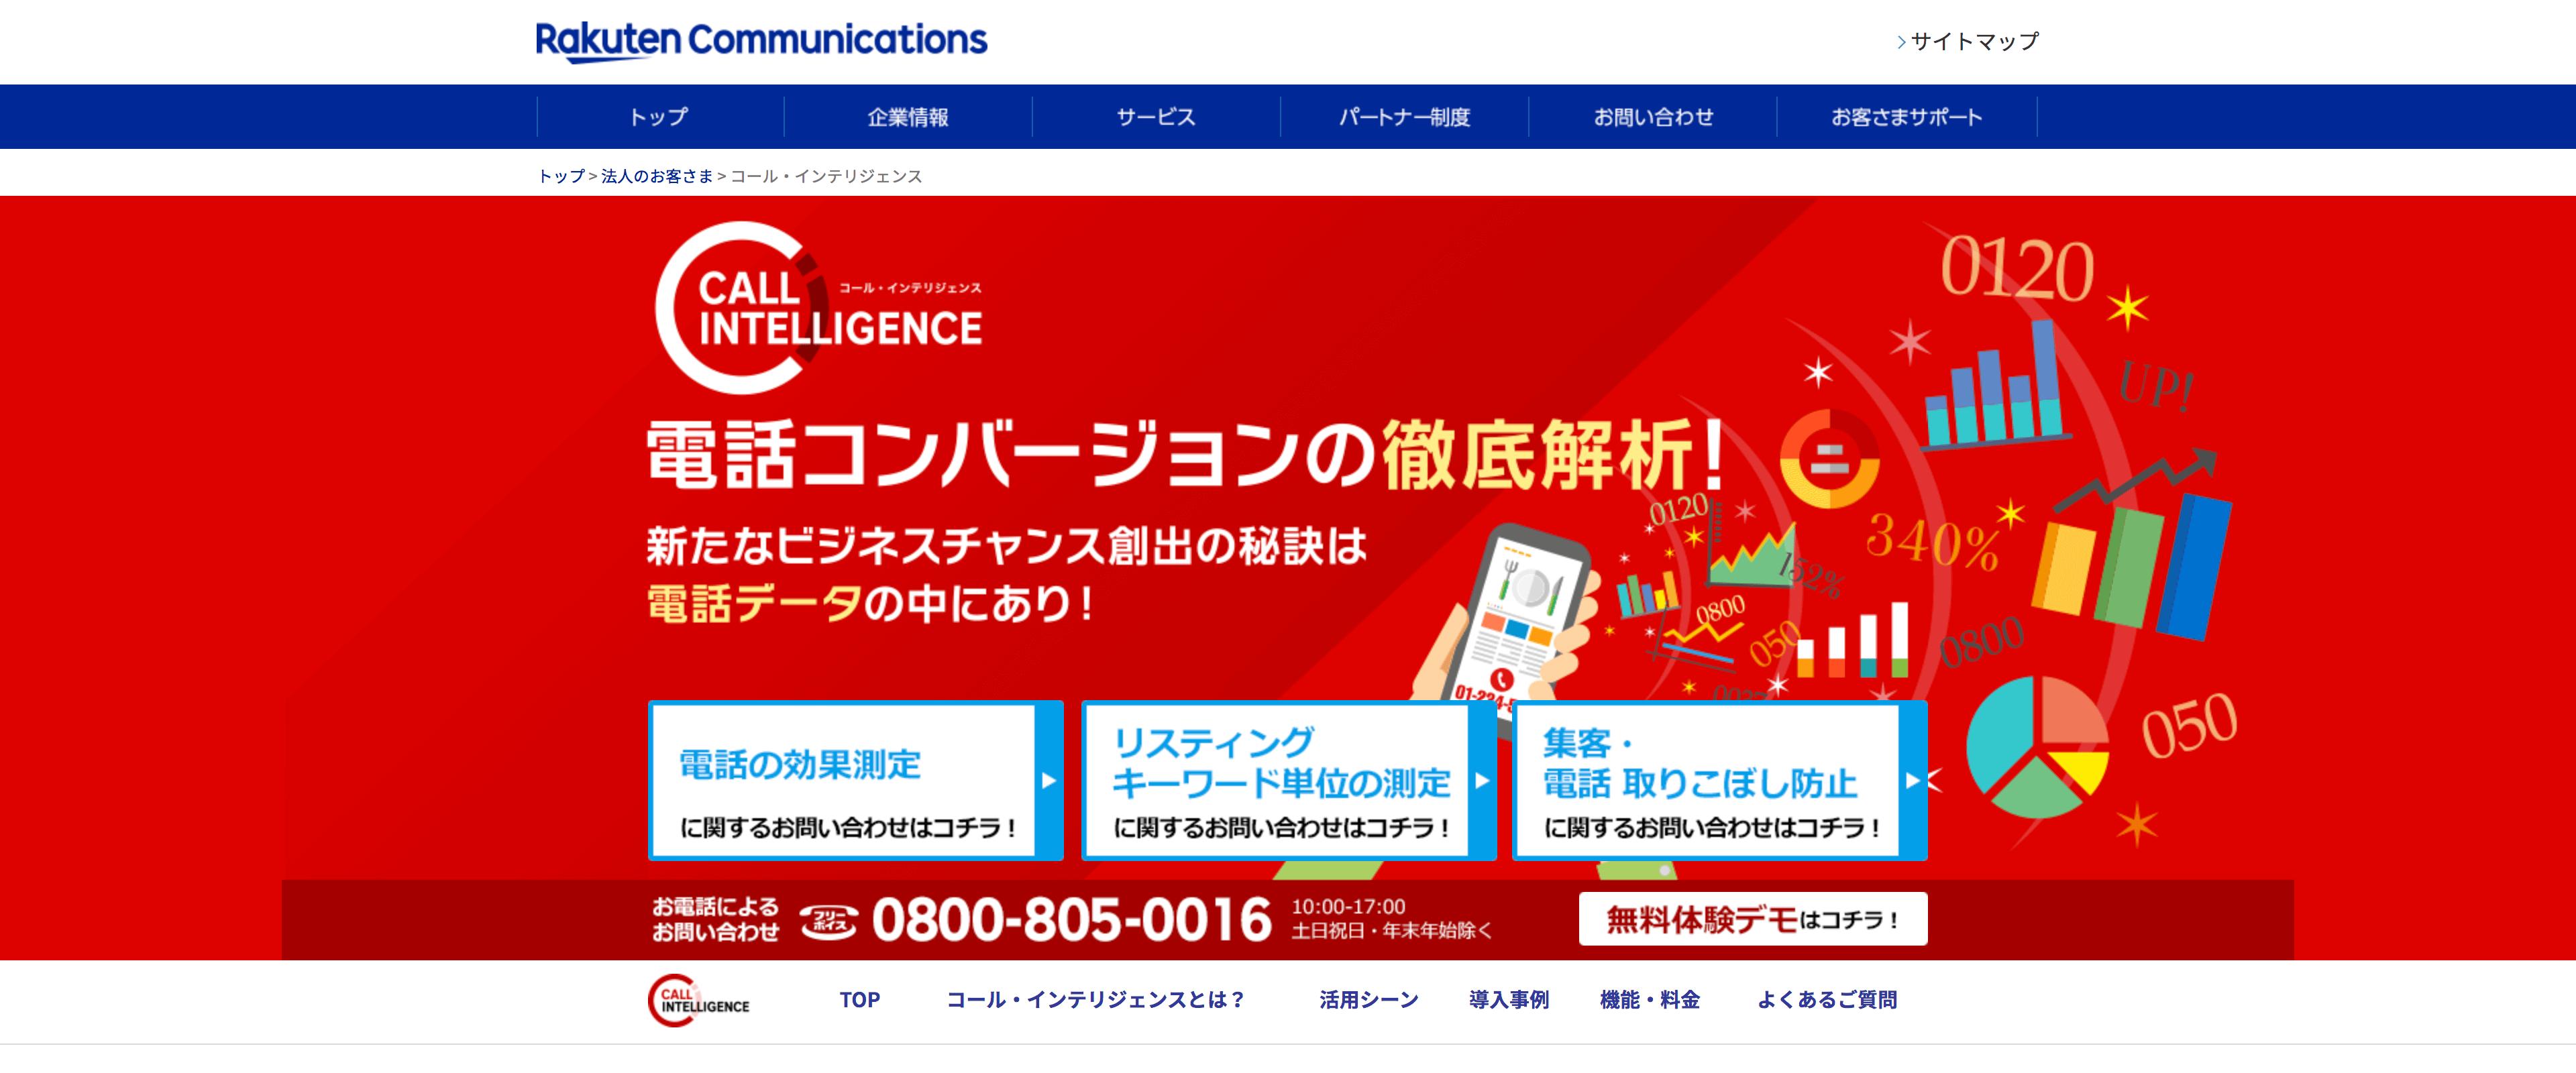 コール・インテリジェンスのサイト画面